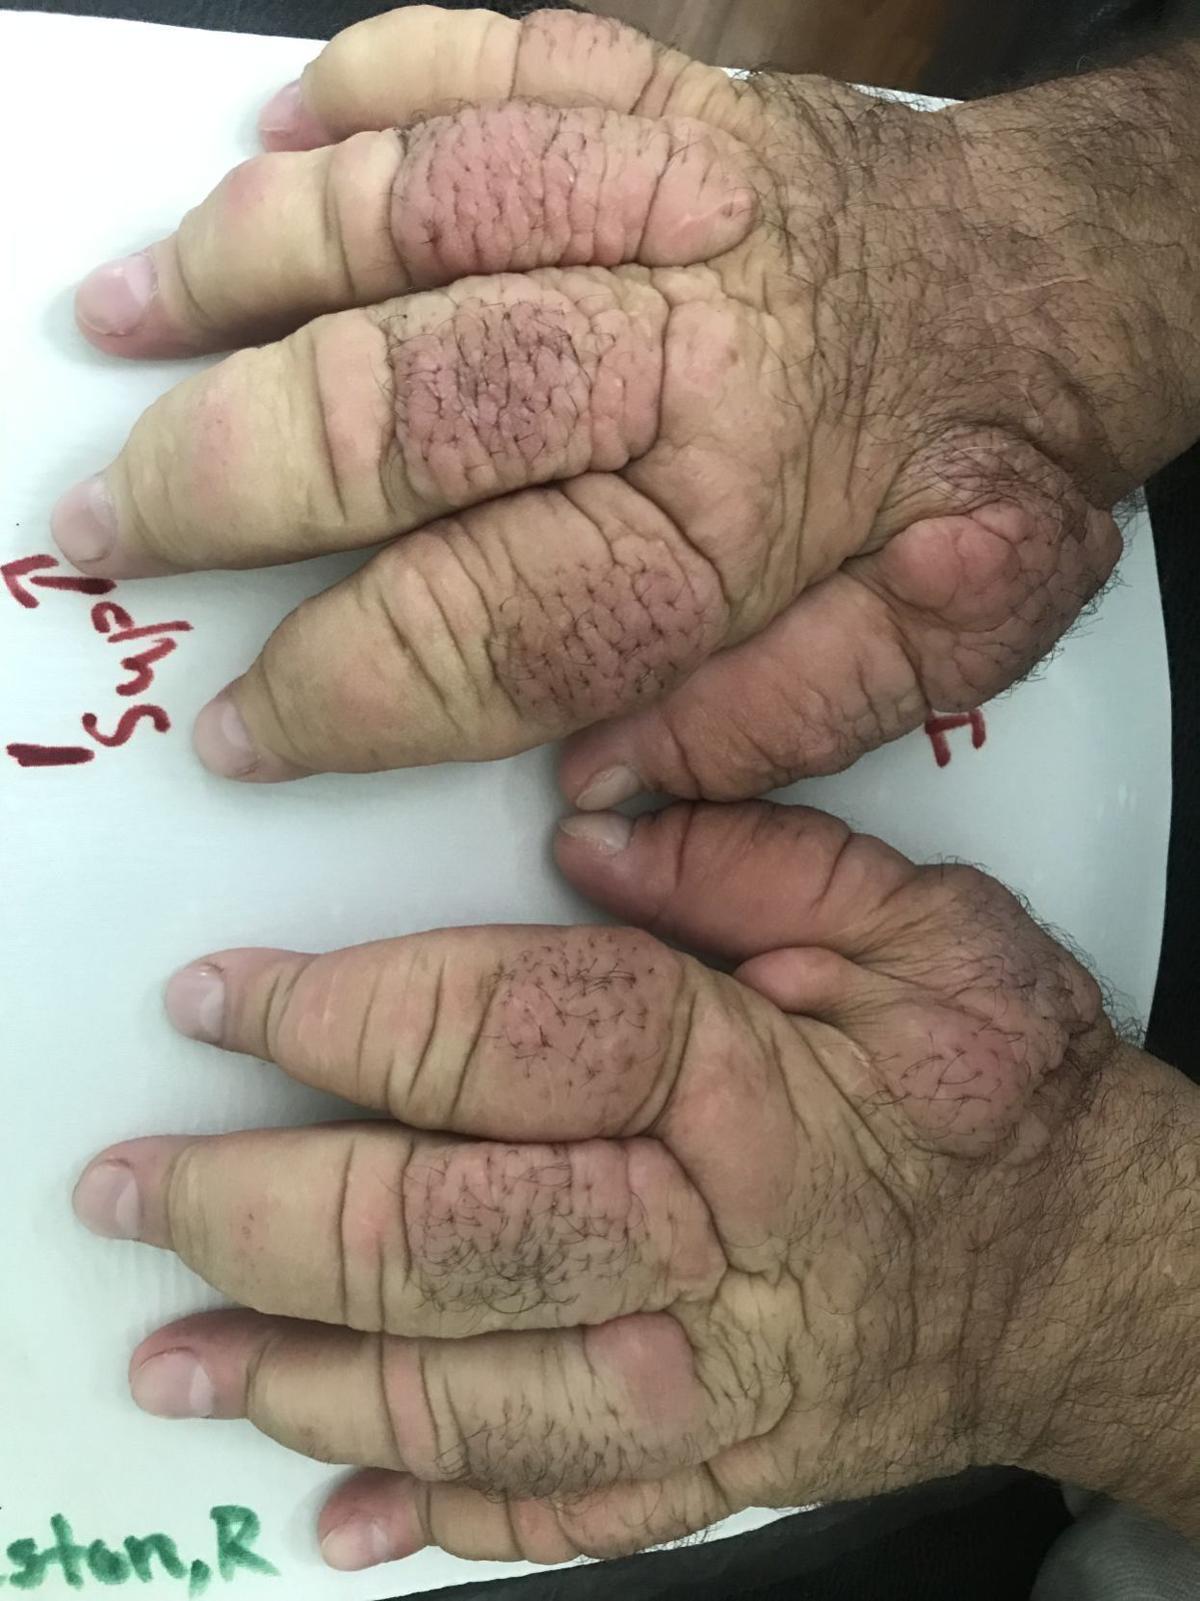 Swolen hands